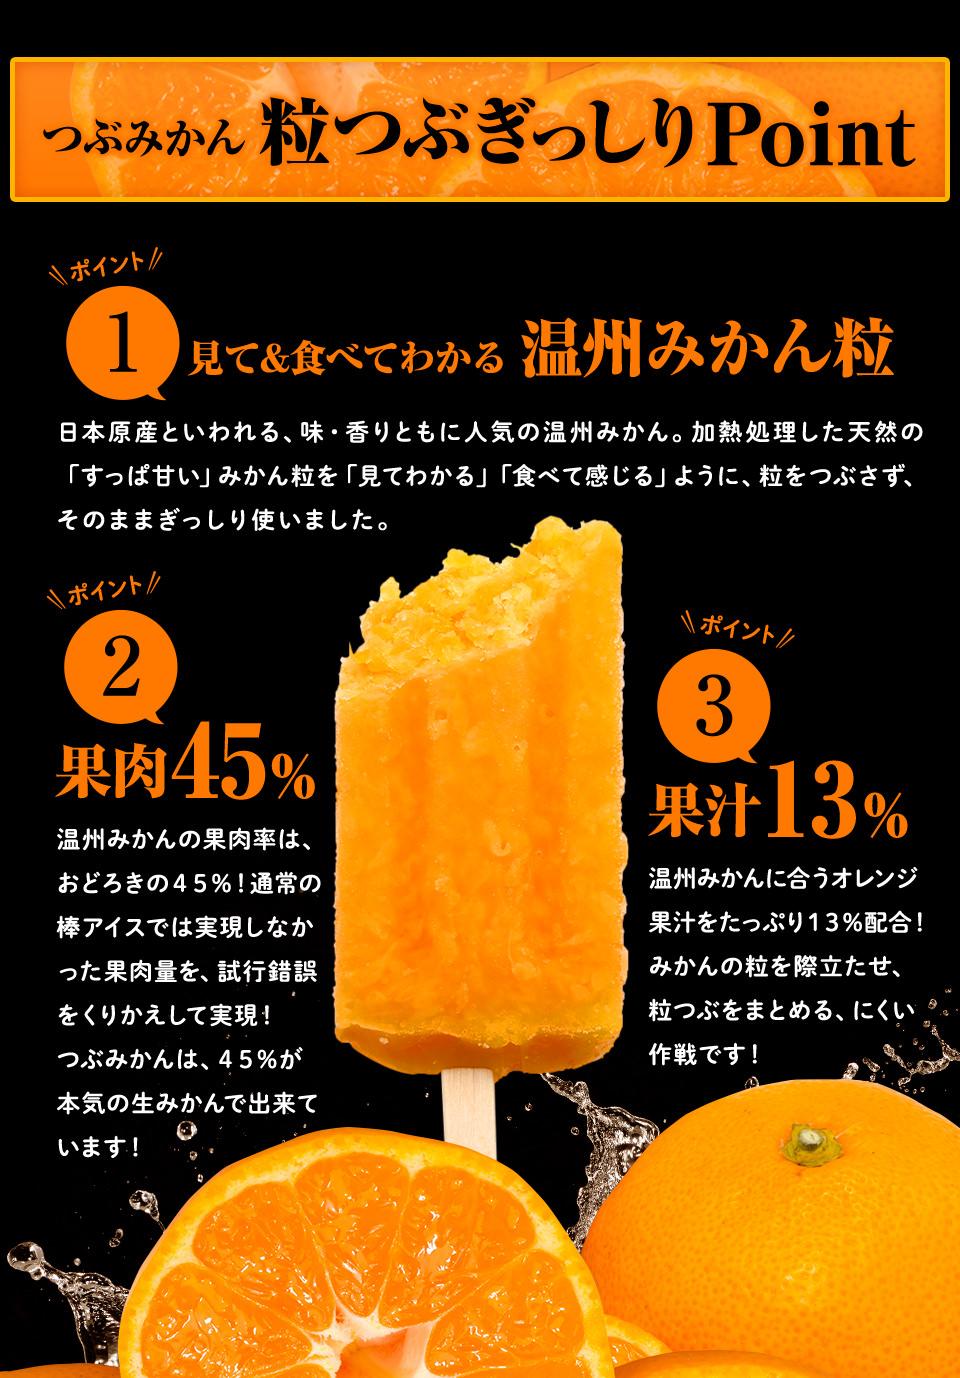 つぶみかん粒つぶぎっしりPoint 見て&食べてわかる温州みかん粒 果肉45% 果汁13%